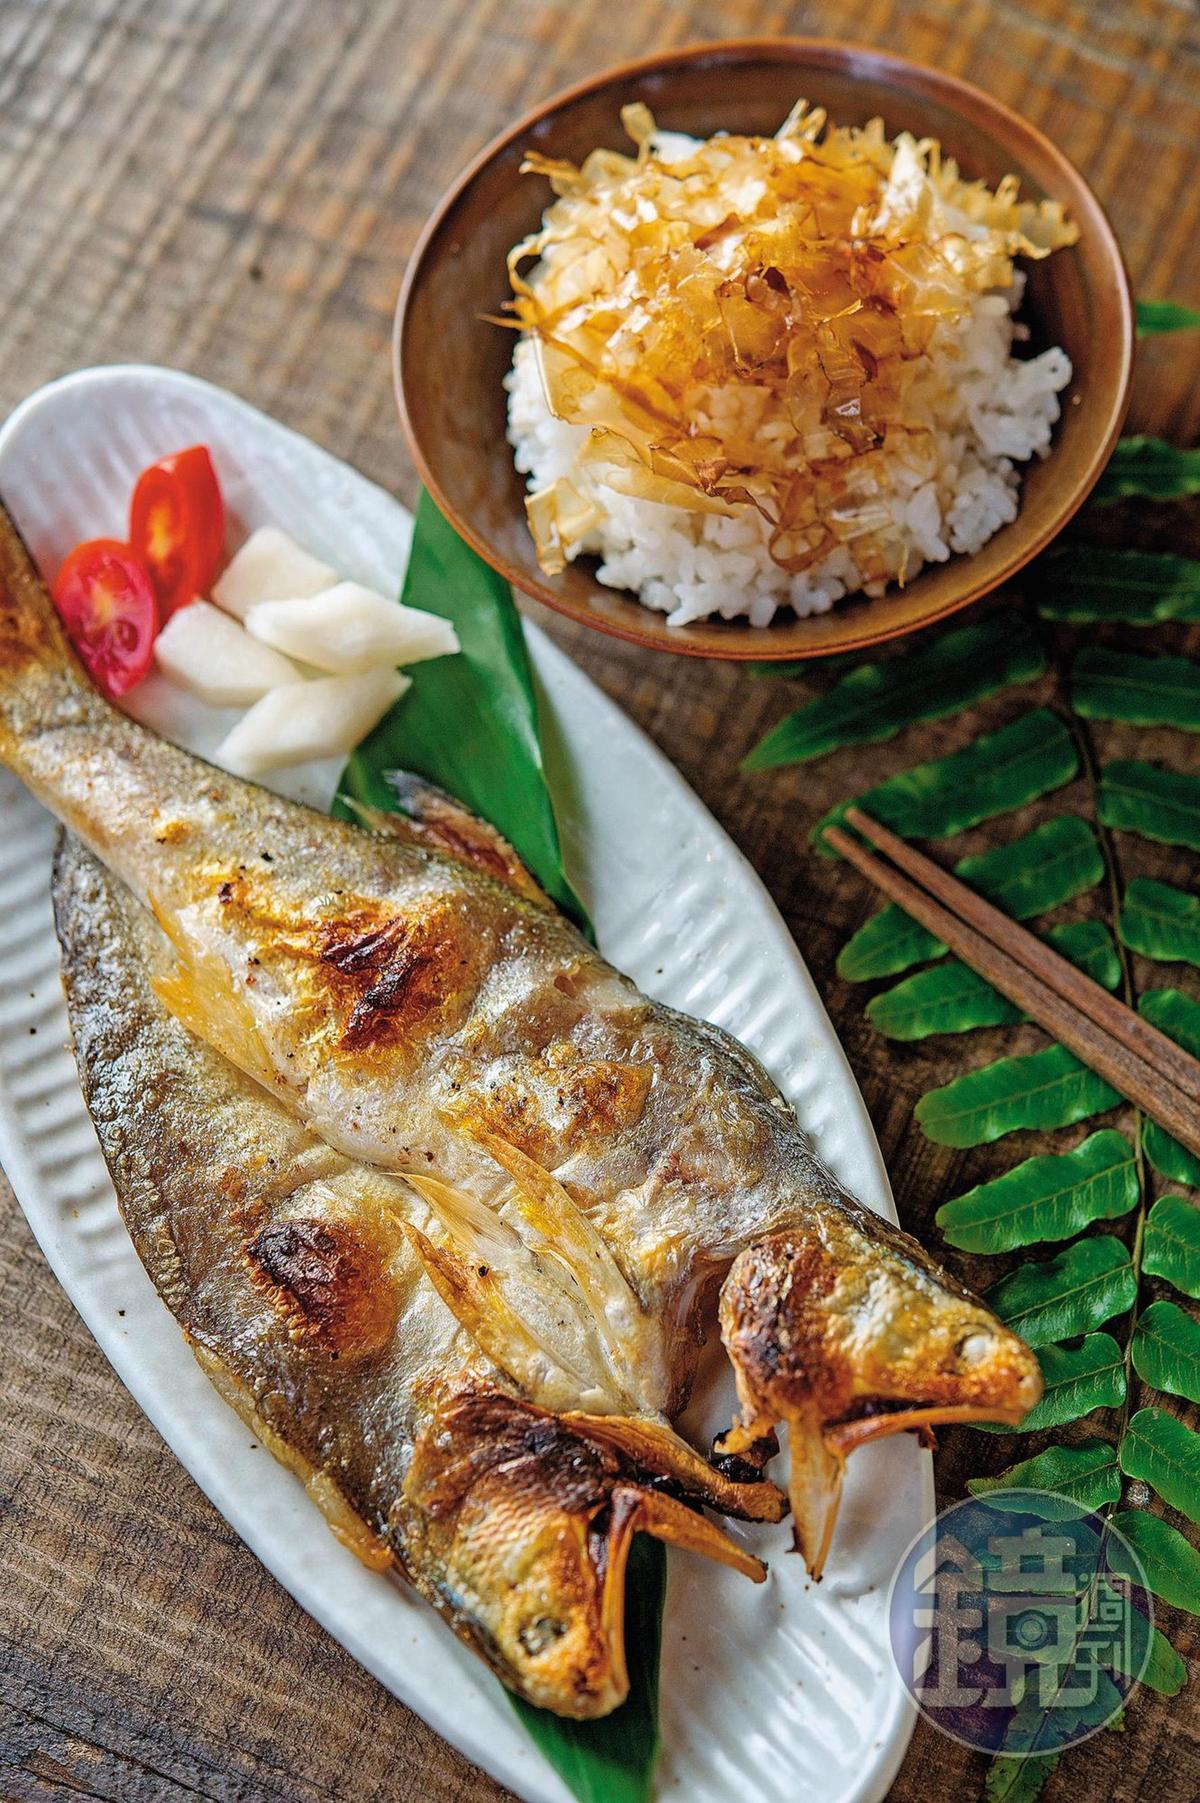 「午仔魚一夜干」有滿滿的油脂甘甜及時間的香氣。(280元/份)